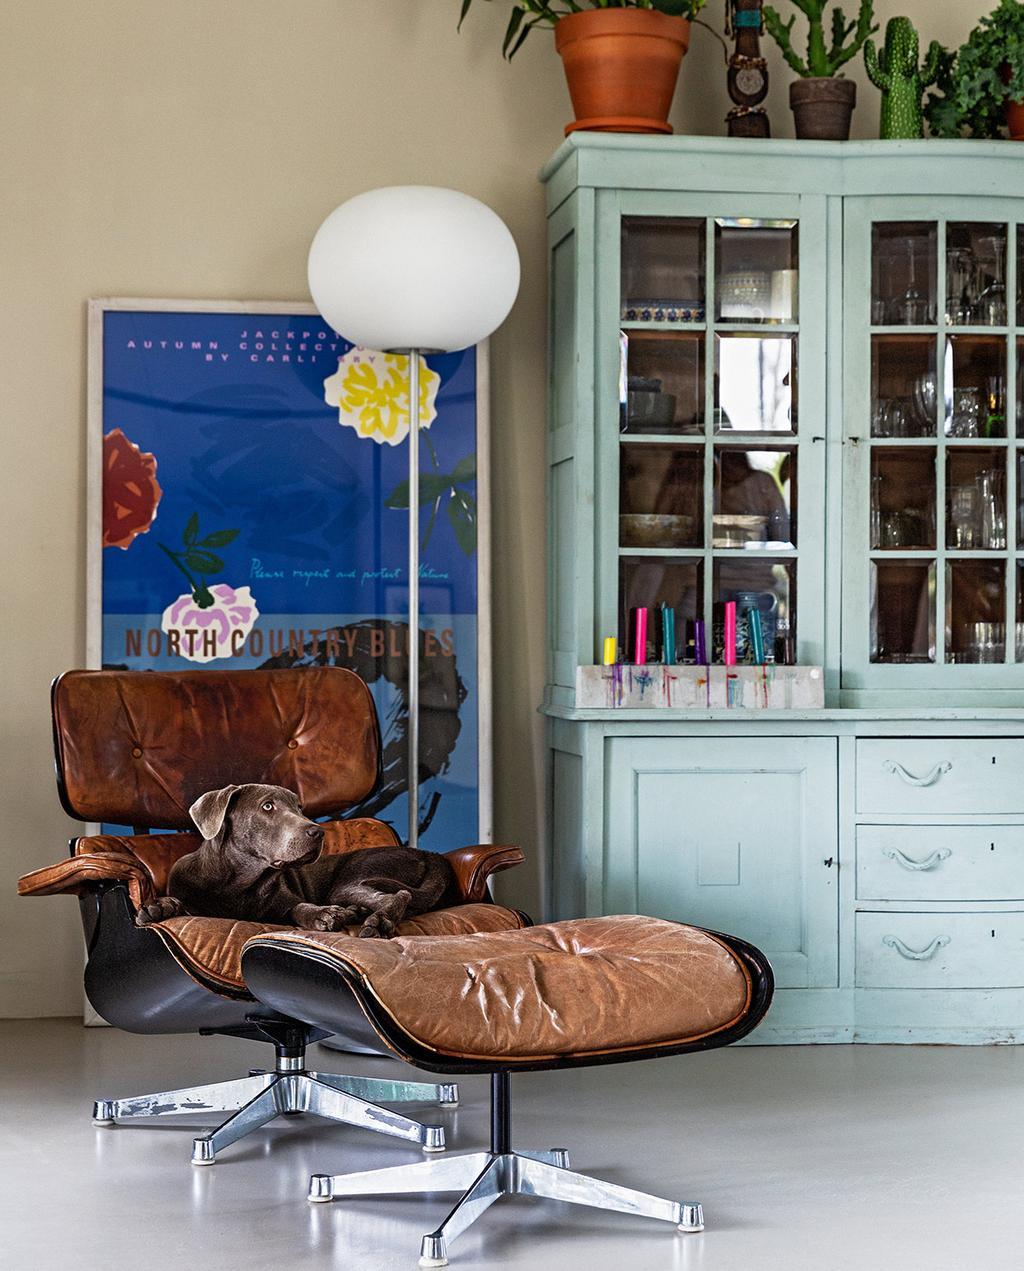 vtwonen 07-2021 | vitra Eames chair de lounge stoel voor een blauw kunstwerk en een blauwe kast | designklassiekers goede investering